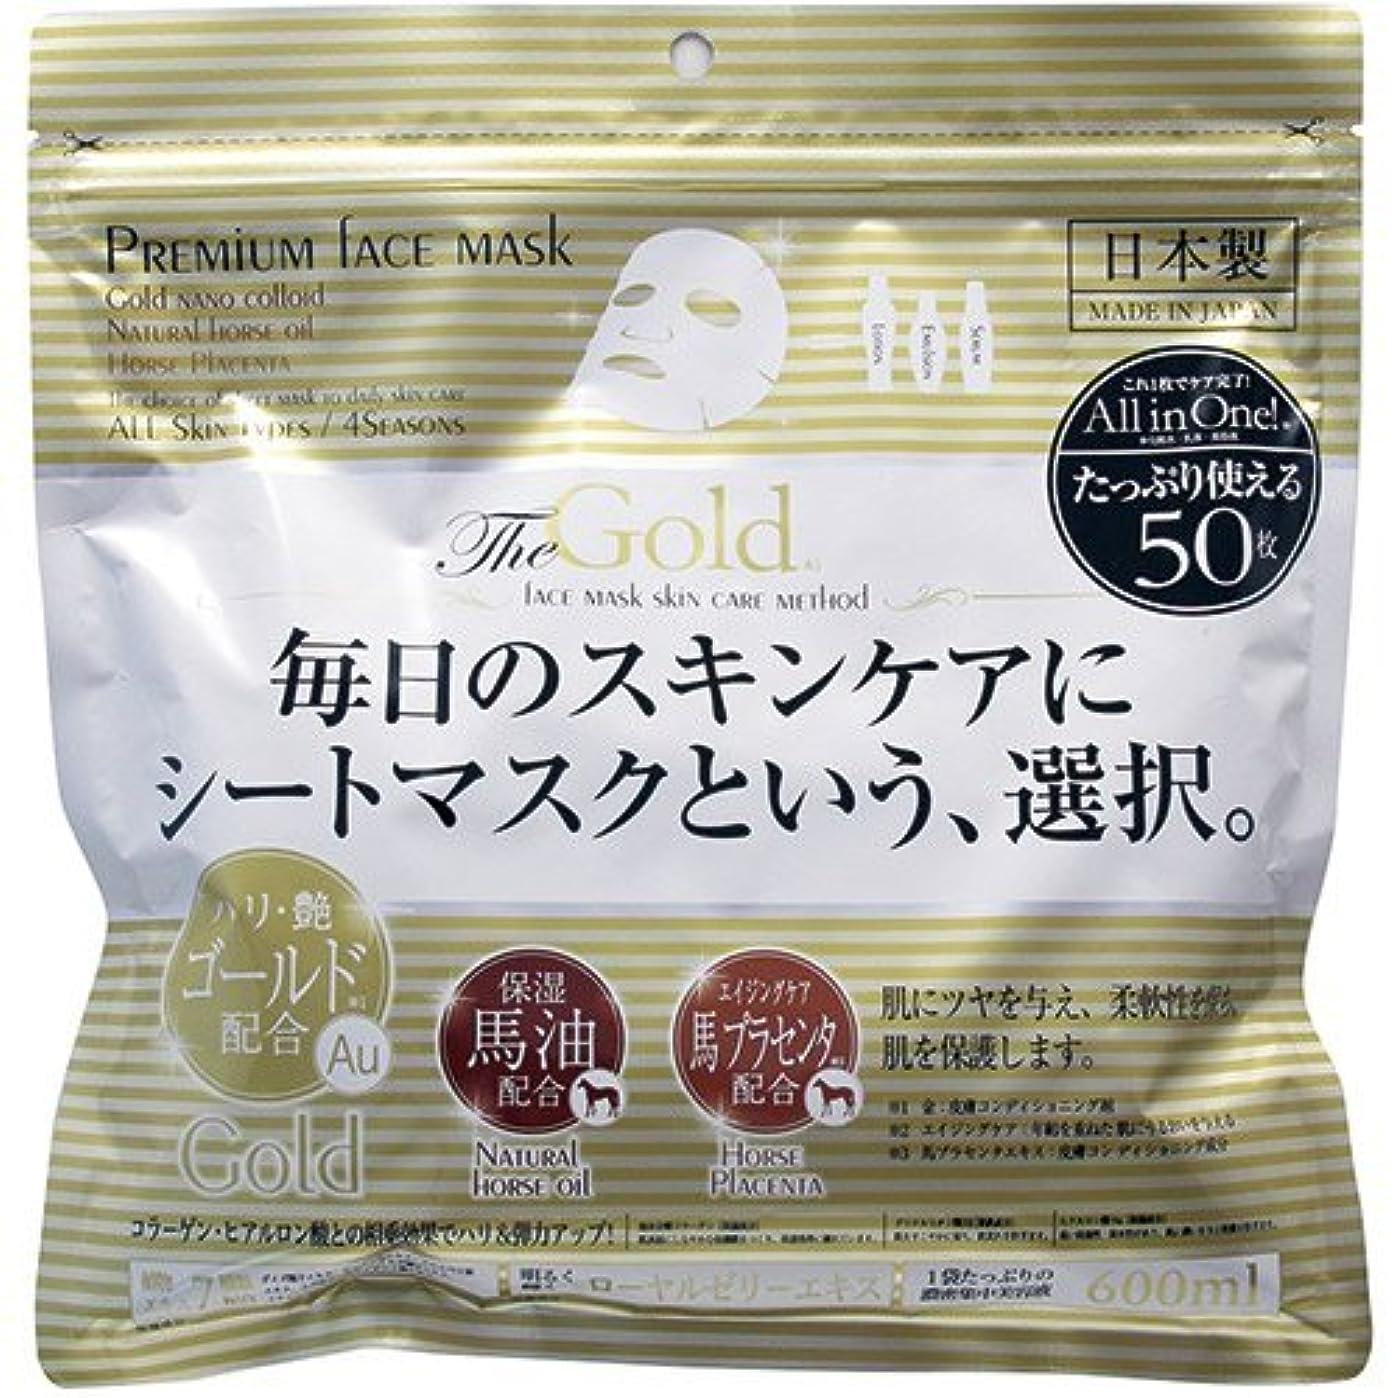 カウンターパートしたがって膨らみ【進製作所】プレミアムフェイスマスク ゴールド 50枚 ×3個セット